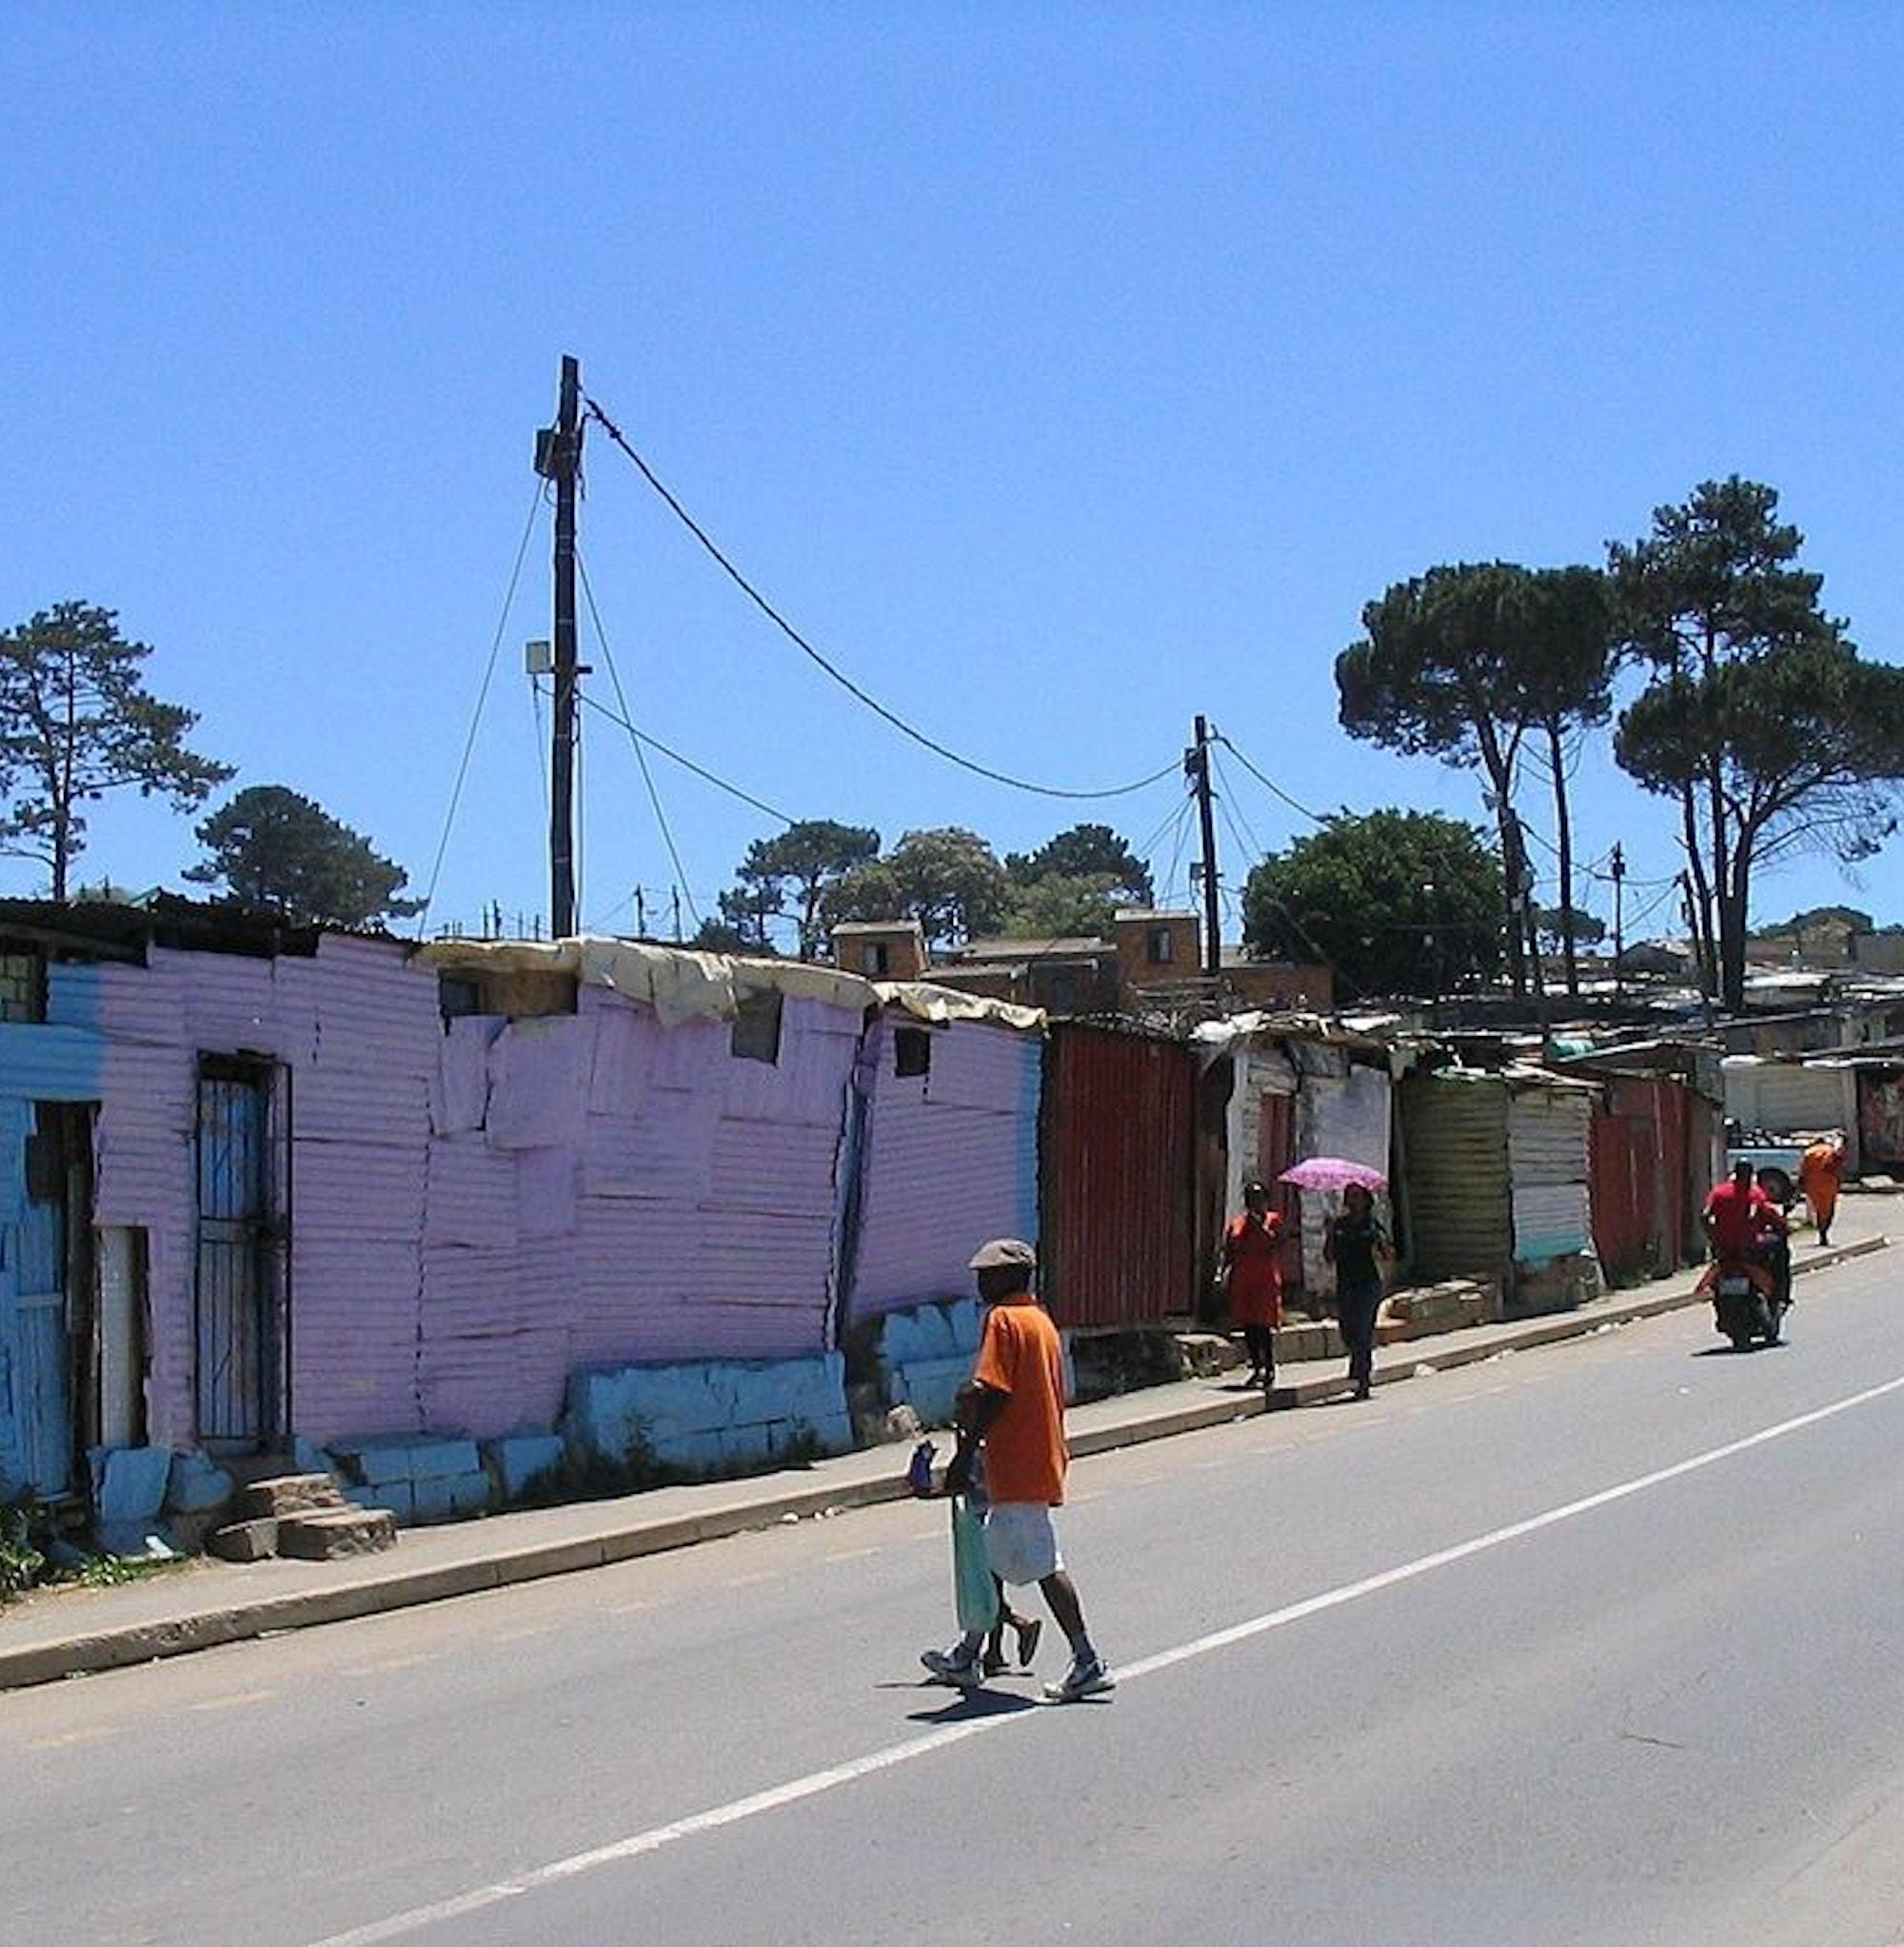 Streets of Kayamandi 10